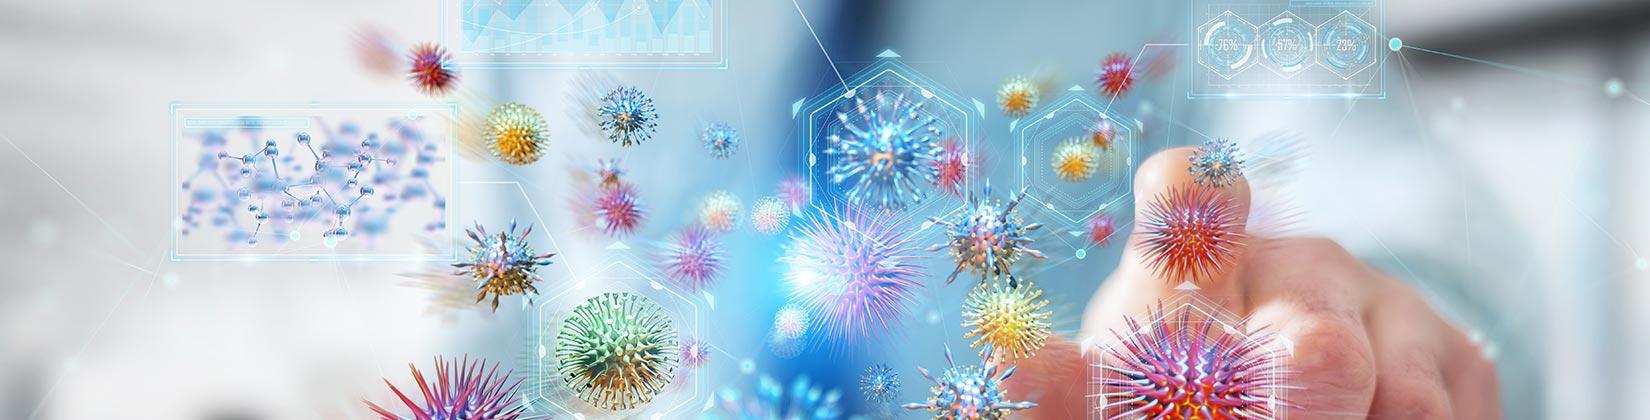 Ανδρολογικό εργαστήριο Ζεγκινιάδου αερόβιοι μικροοργανισμοί